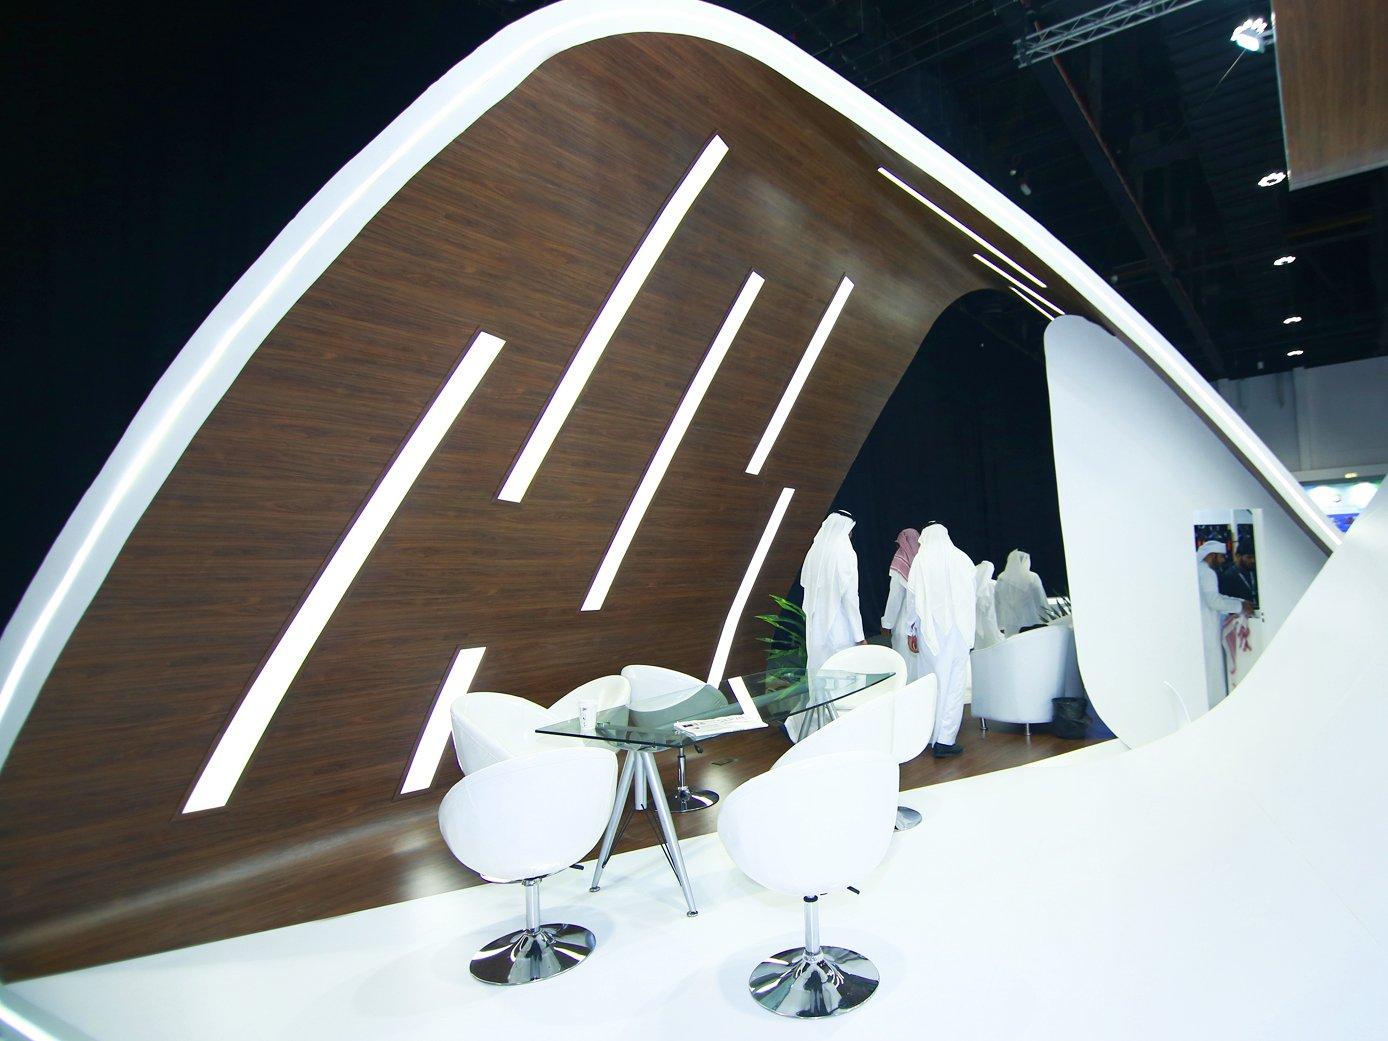 стенд Министерства транспорта Саудовской Аравии на выставке в Абу-Даби